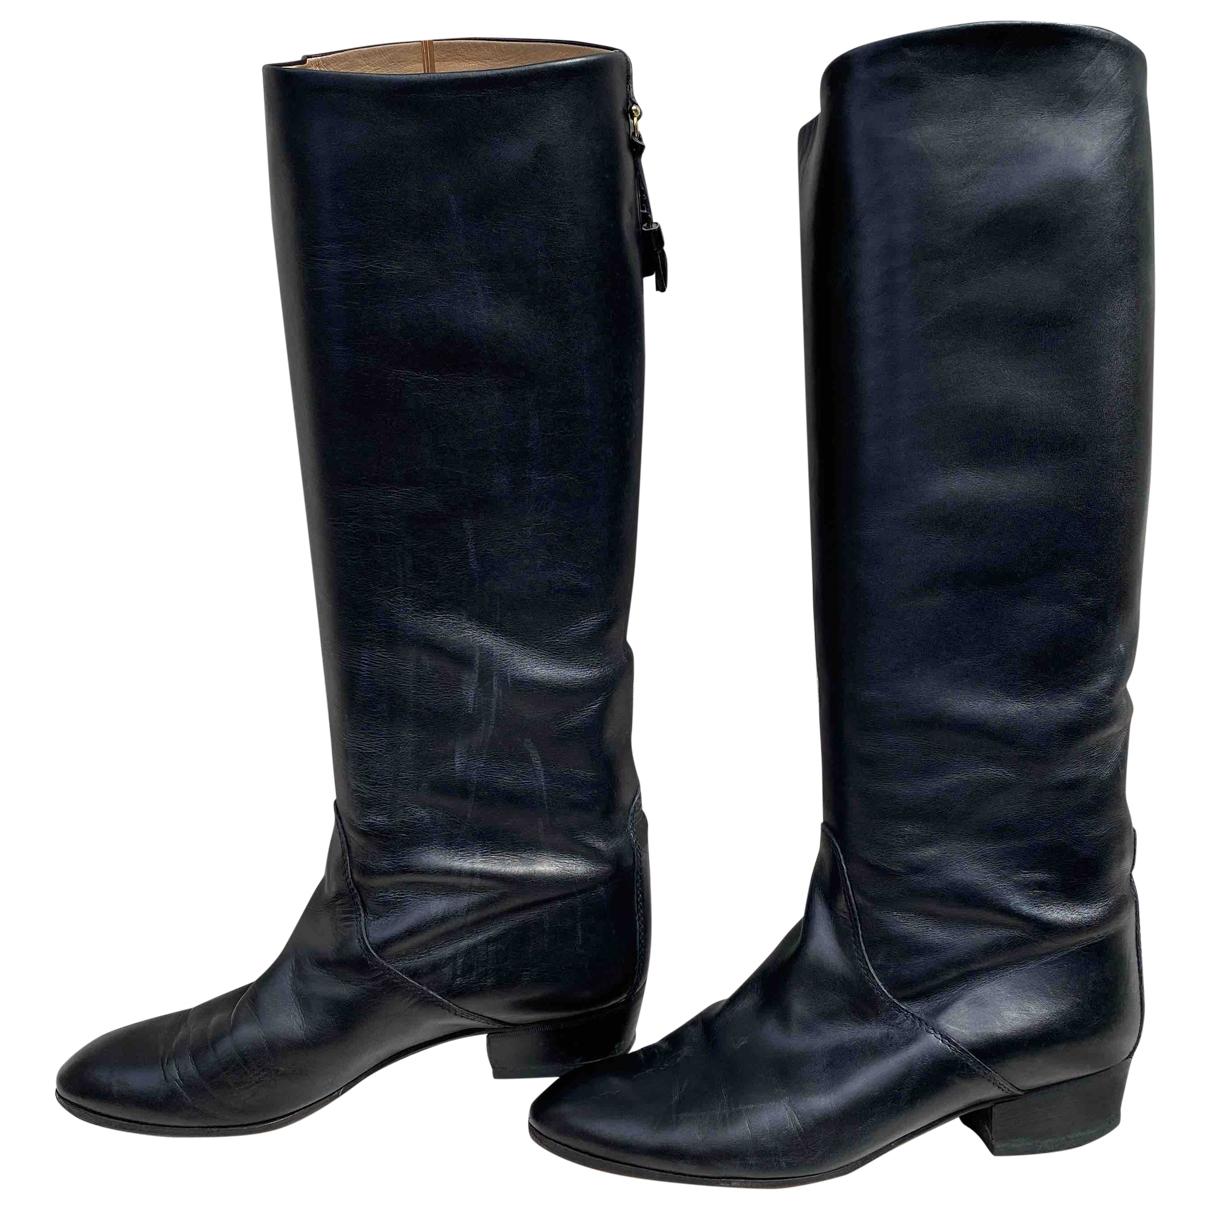 Russell & Bromley - Bottes   pour femme en cuir - noir